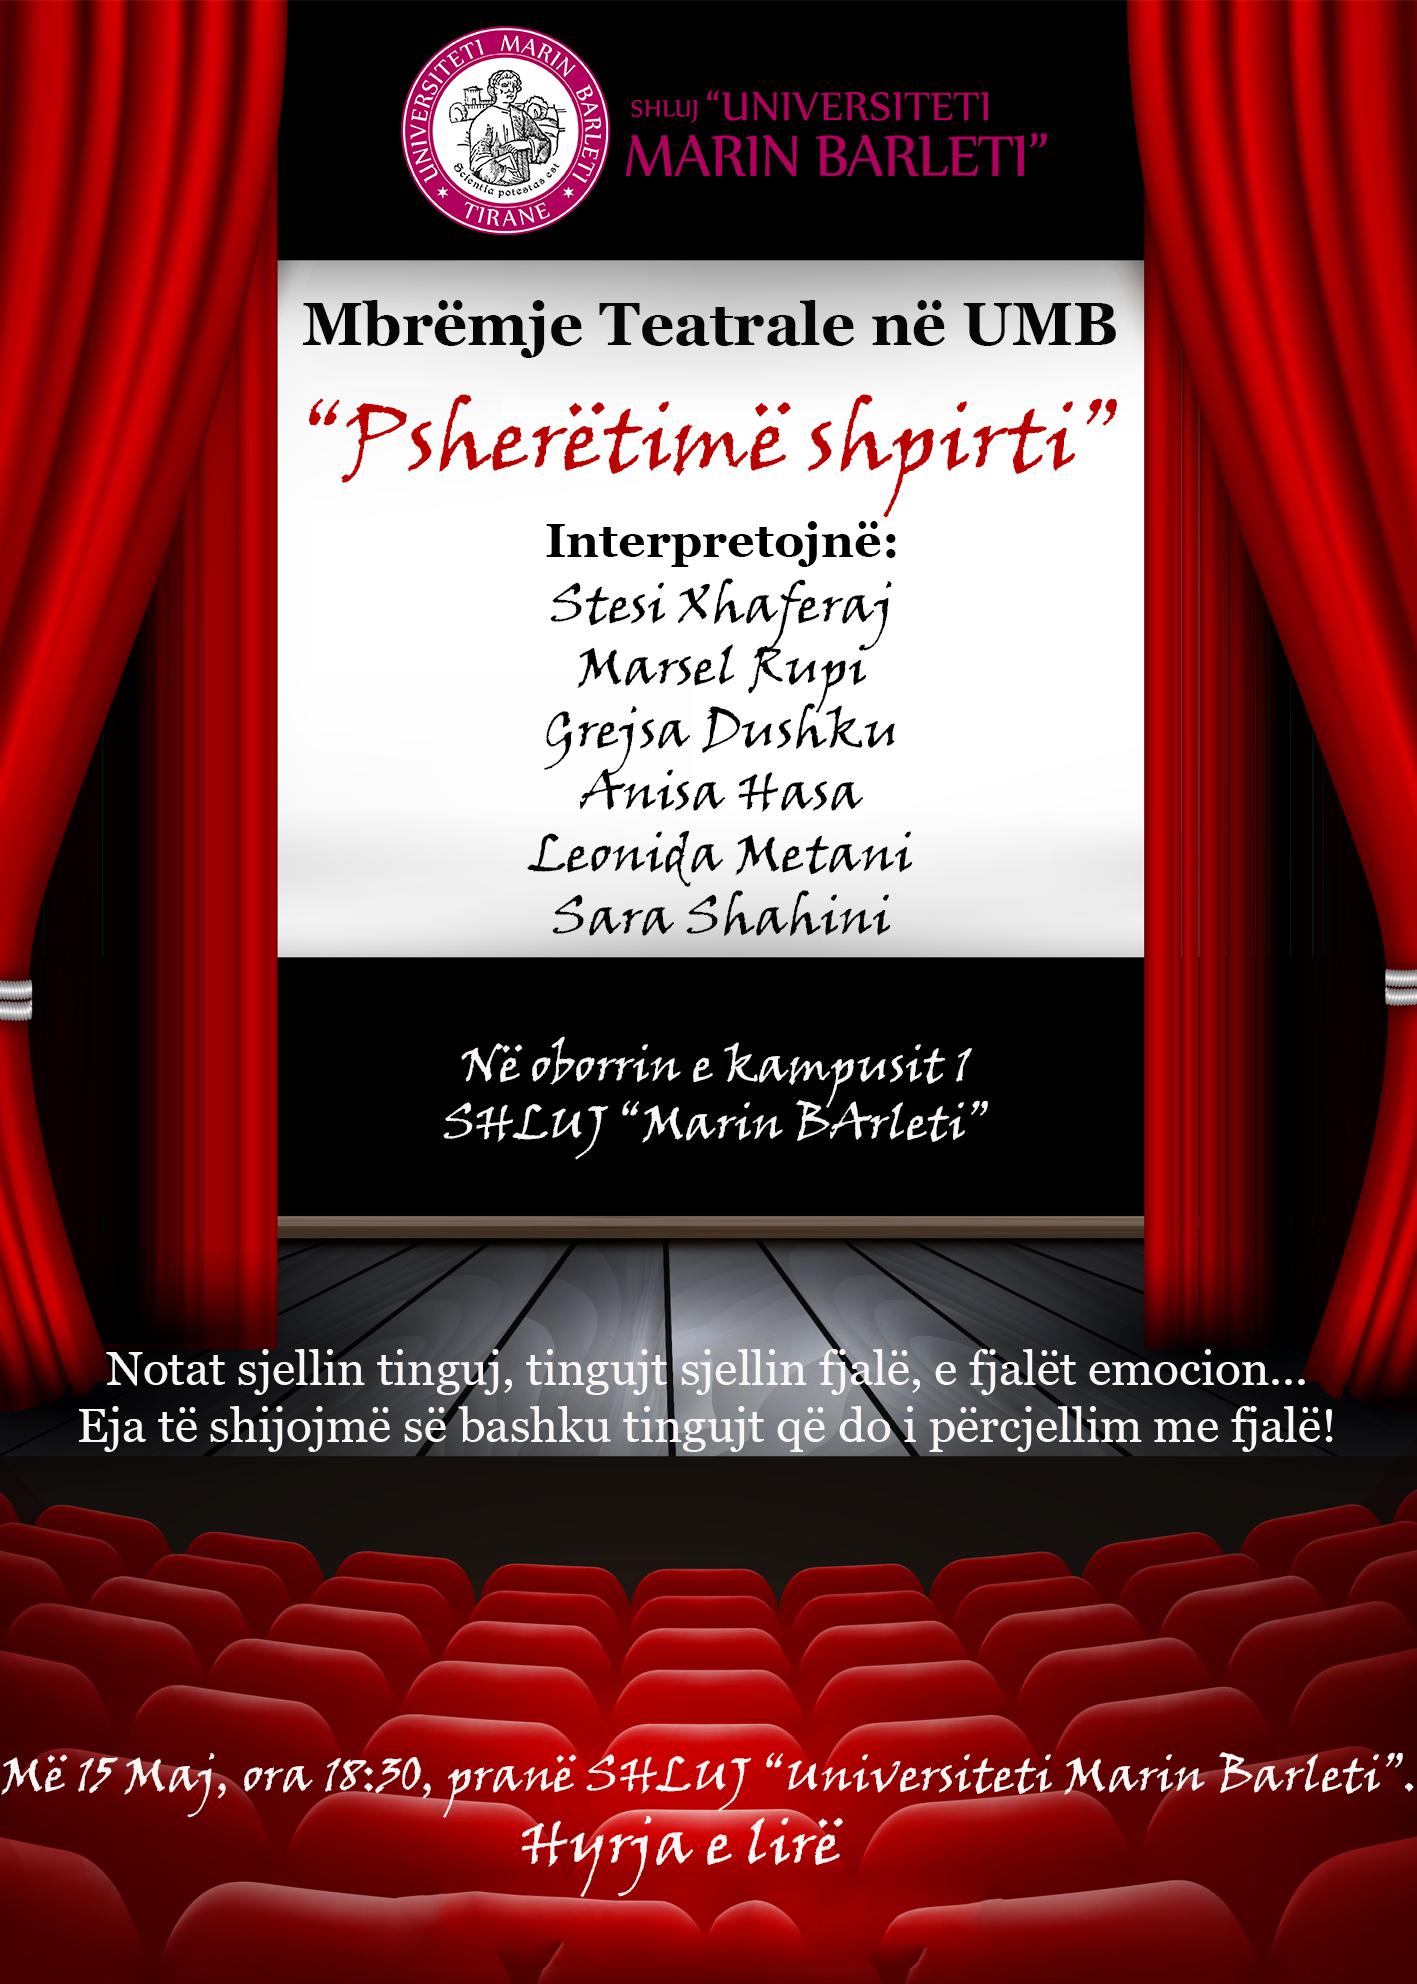 Mbremje Teatrale ne UMB organizuar nga Klubi i Debatit Yes